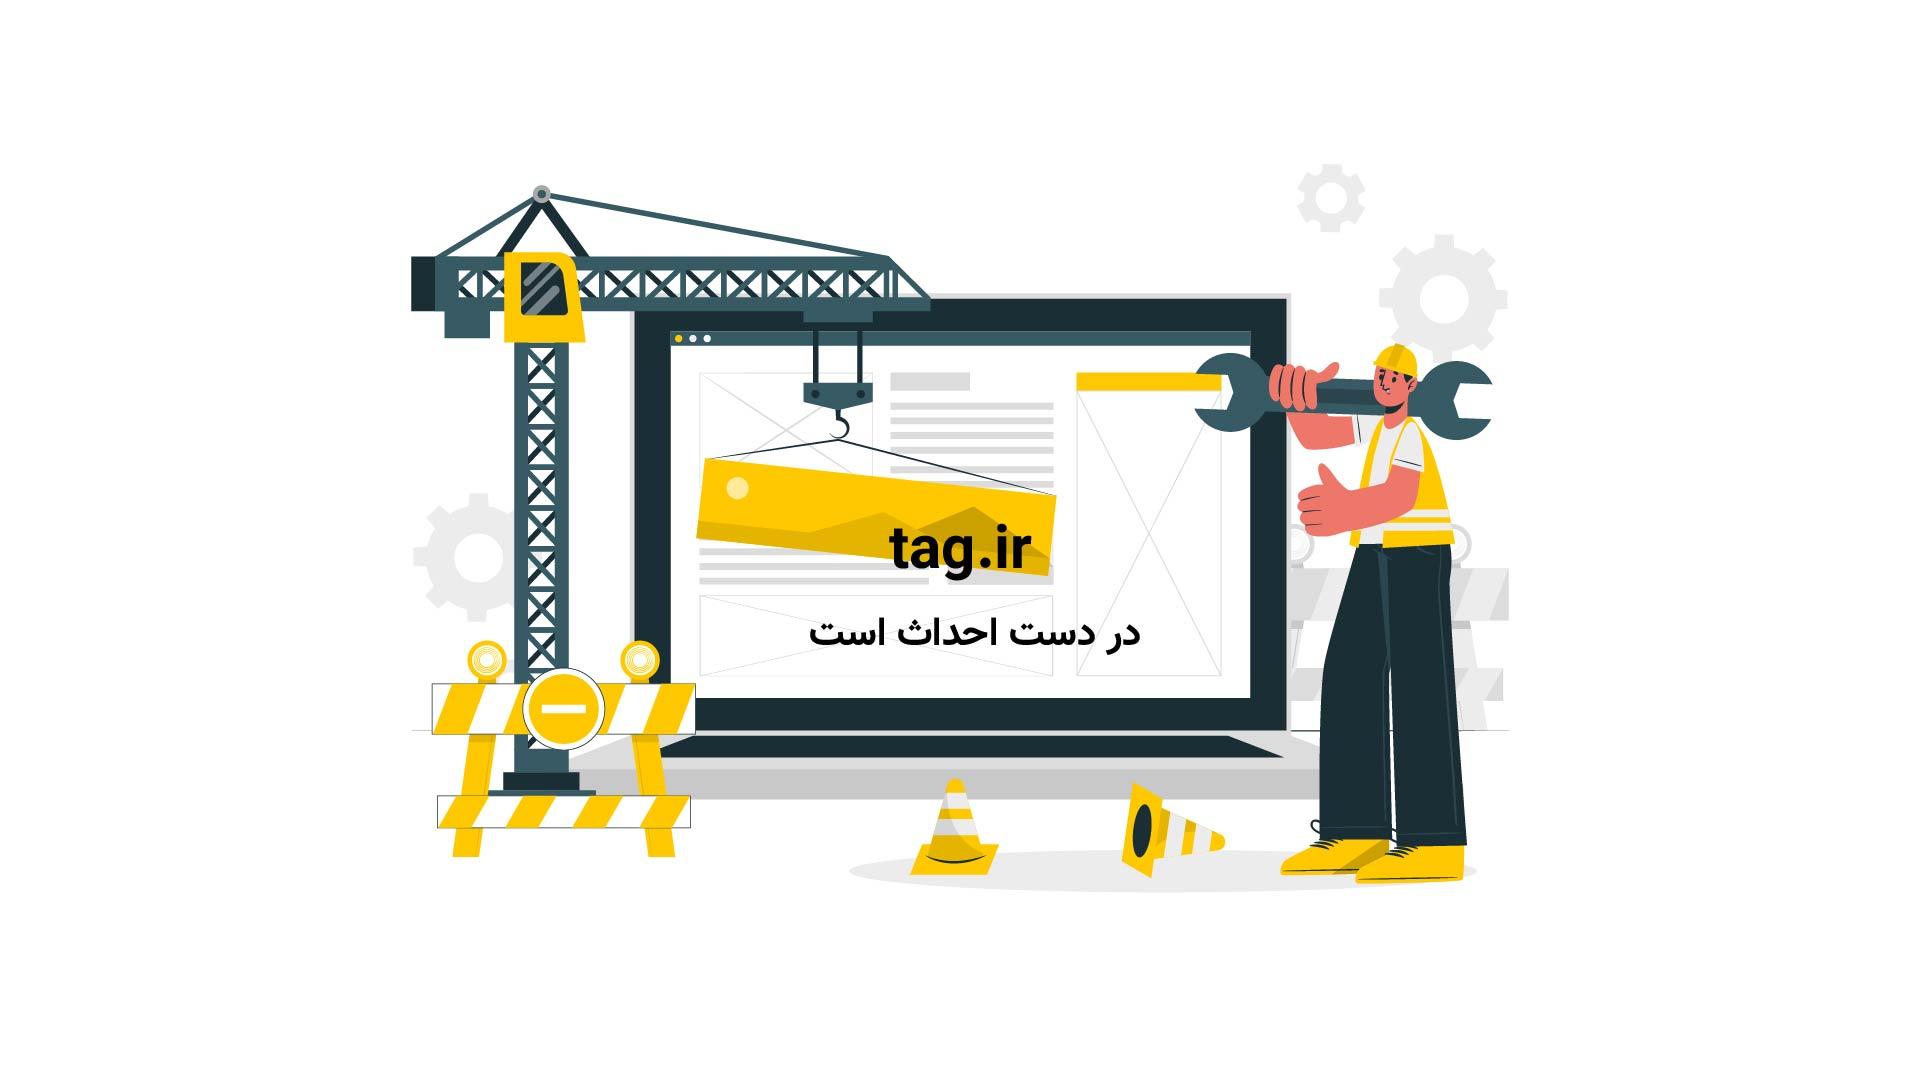 افتتاح پیست بین المللی اسکی دیزین با رقابت نمادین اسکی بازان | فیلم